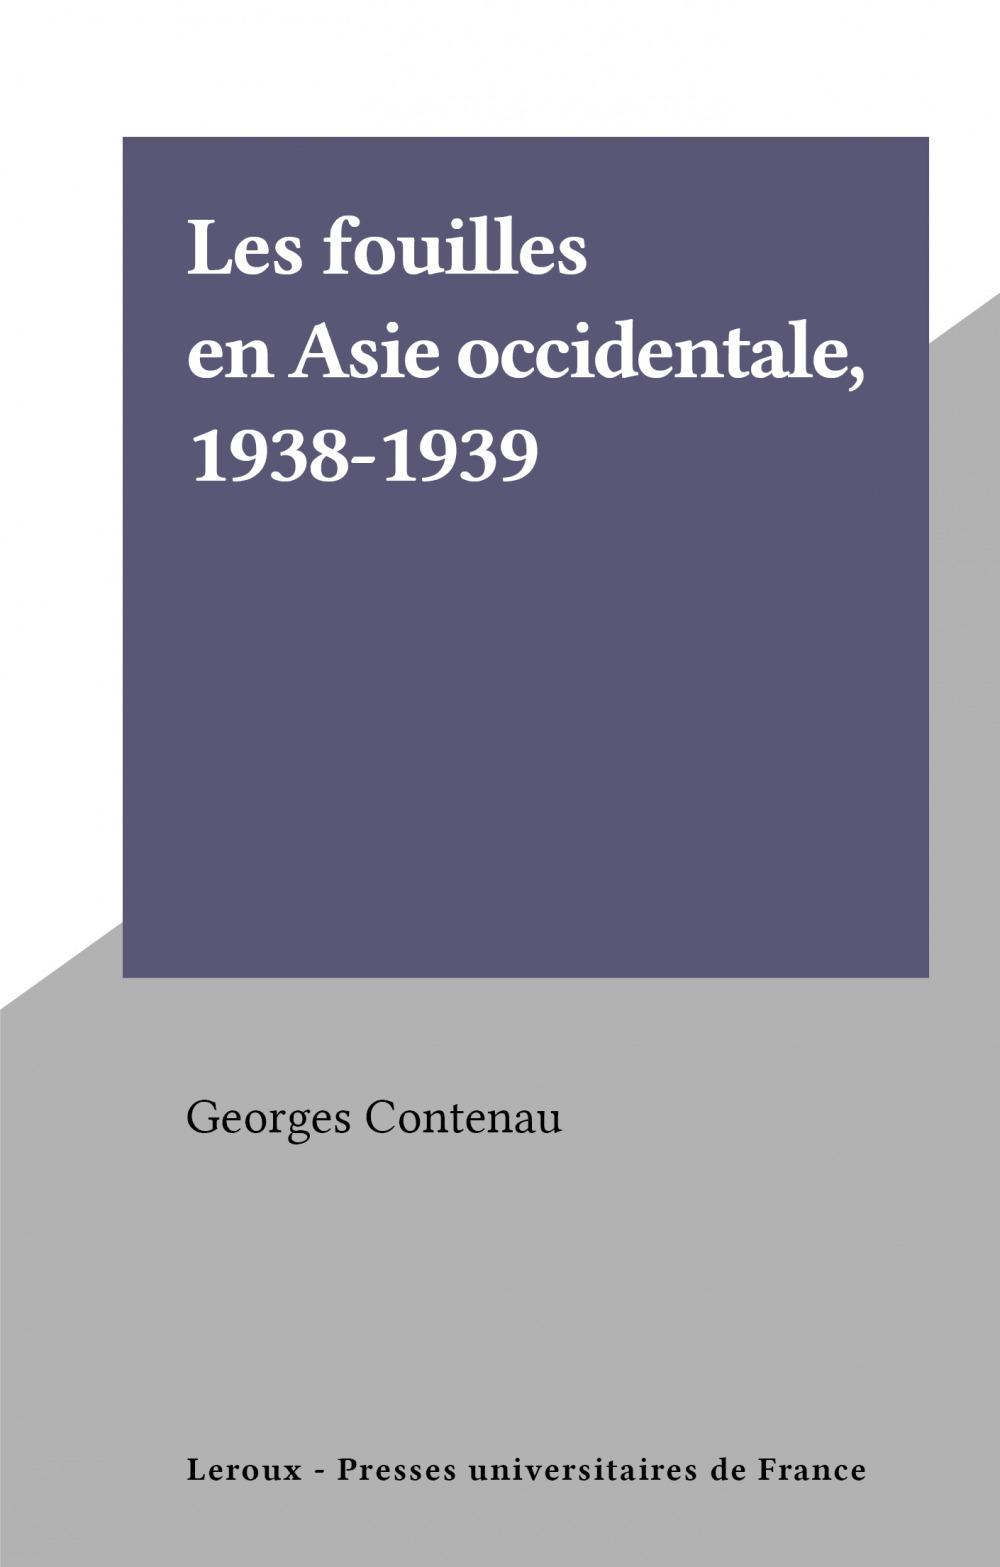 Les fouilles en Asie occidentale, 1938-1939